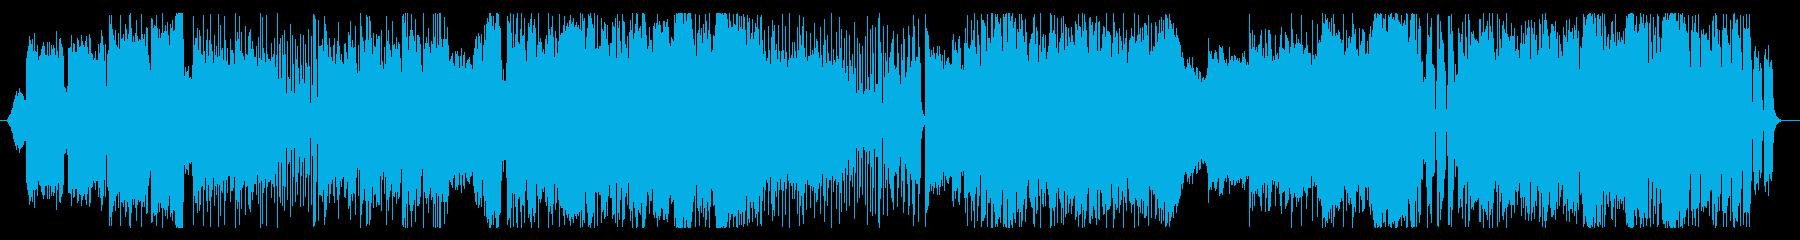 アニメソング風ロックの再生済みの波形